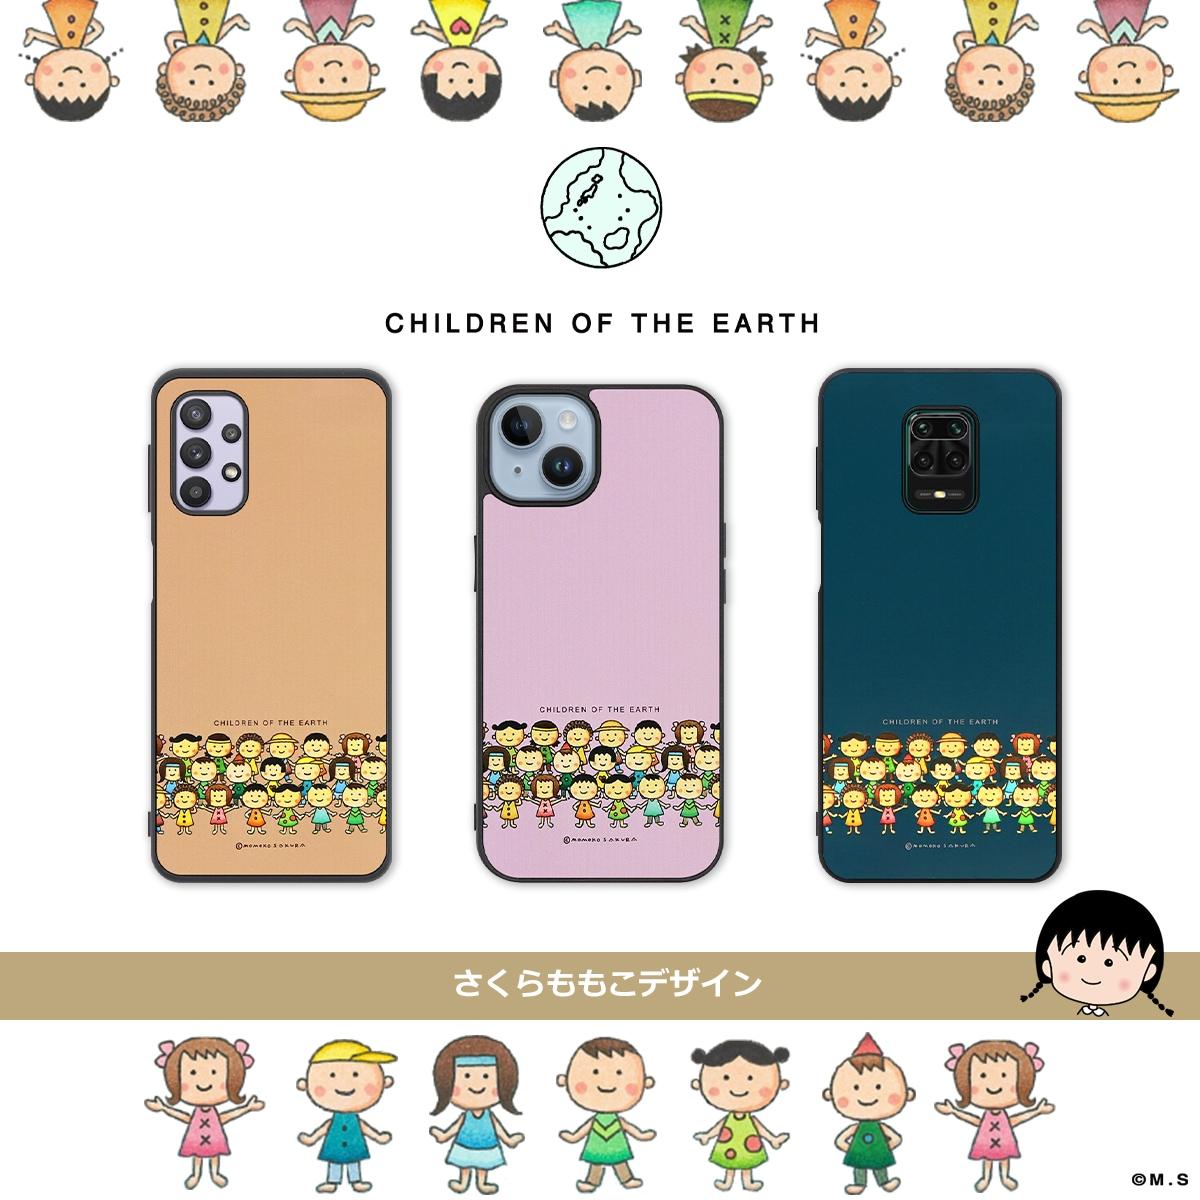 さくらももこ 地球の子供たち OPPO ケース OPPO Find X3 Pro A5 2020 カバー ハードケース ハードカバー ストラップホール シンプル レディース メンズ